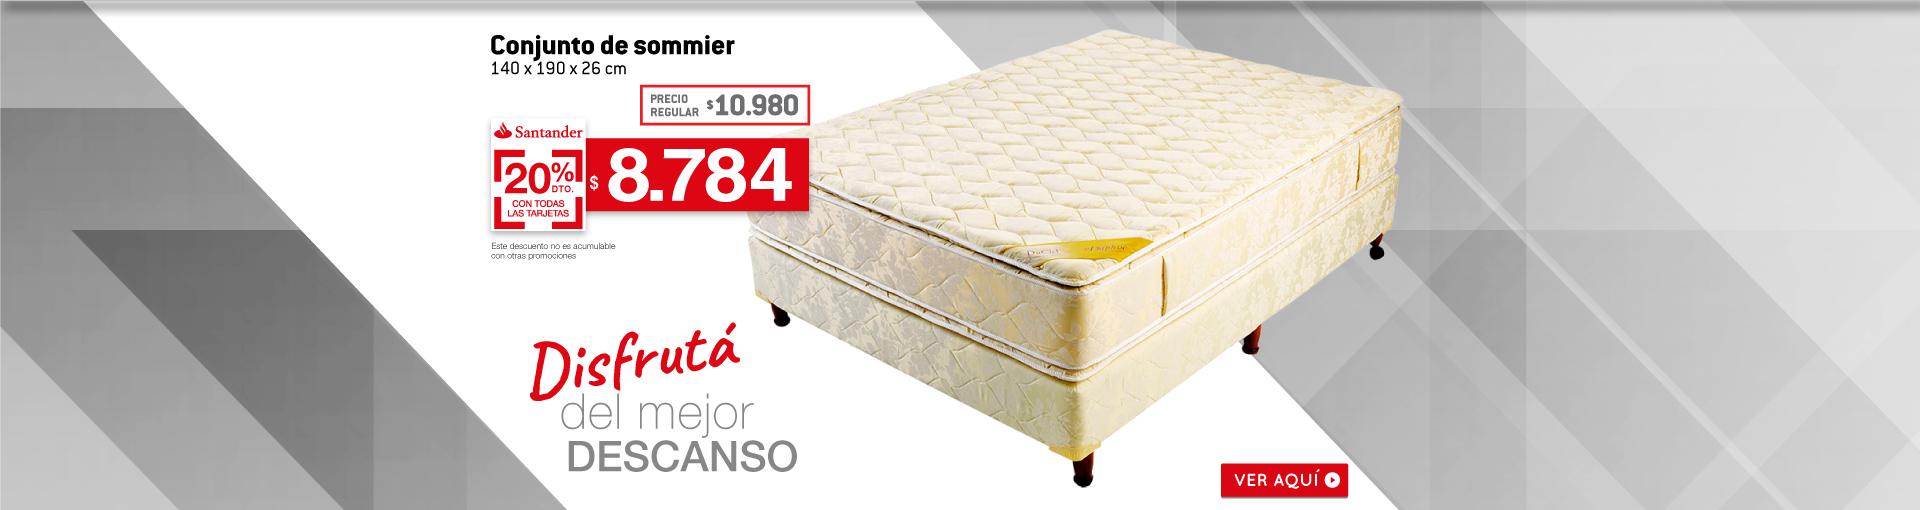 h-03-728371-conjunto-sommier-qxw